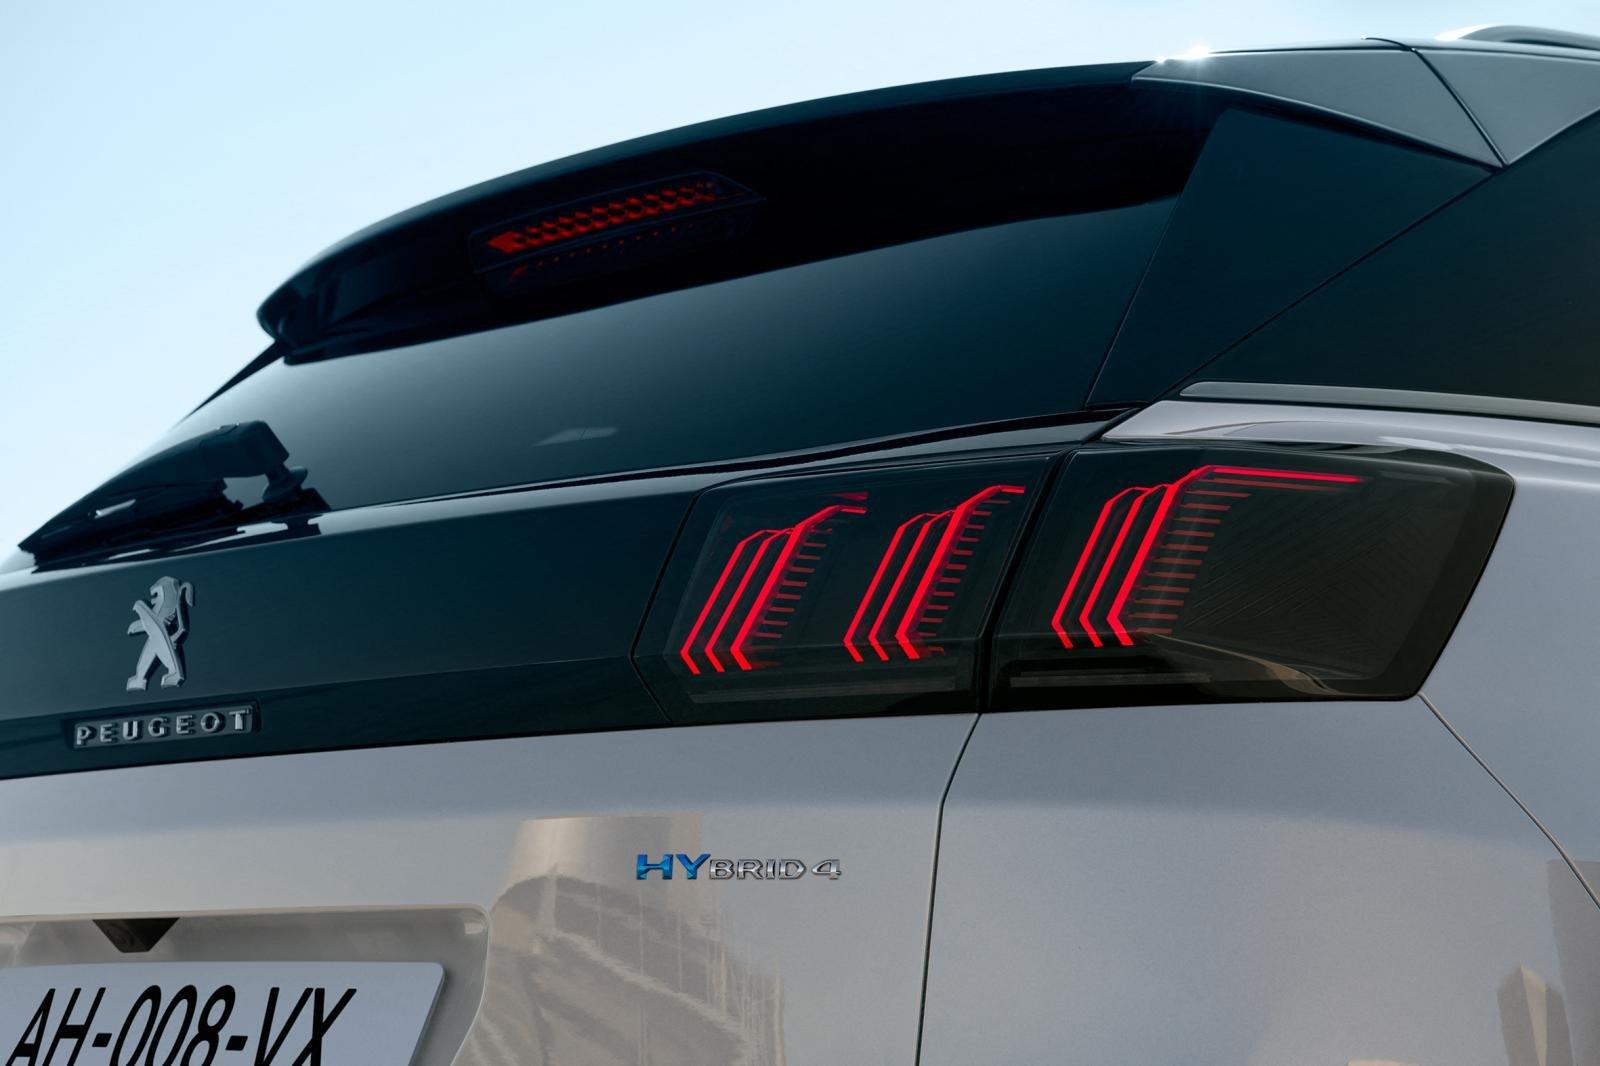 Đánh giá xe Peugeot 3008 2021 về thiết kế đuôi xe - Ảnh 2.